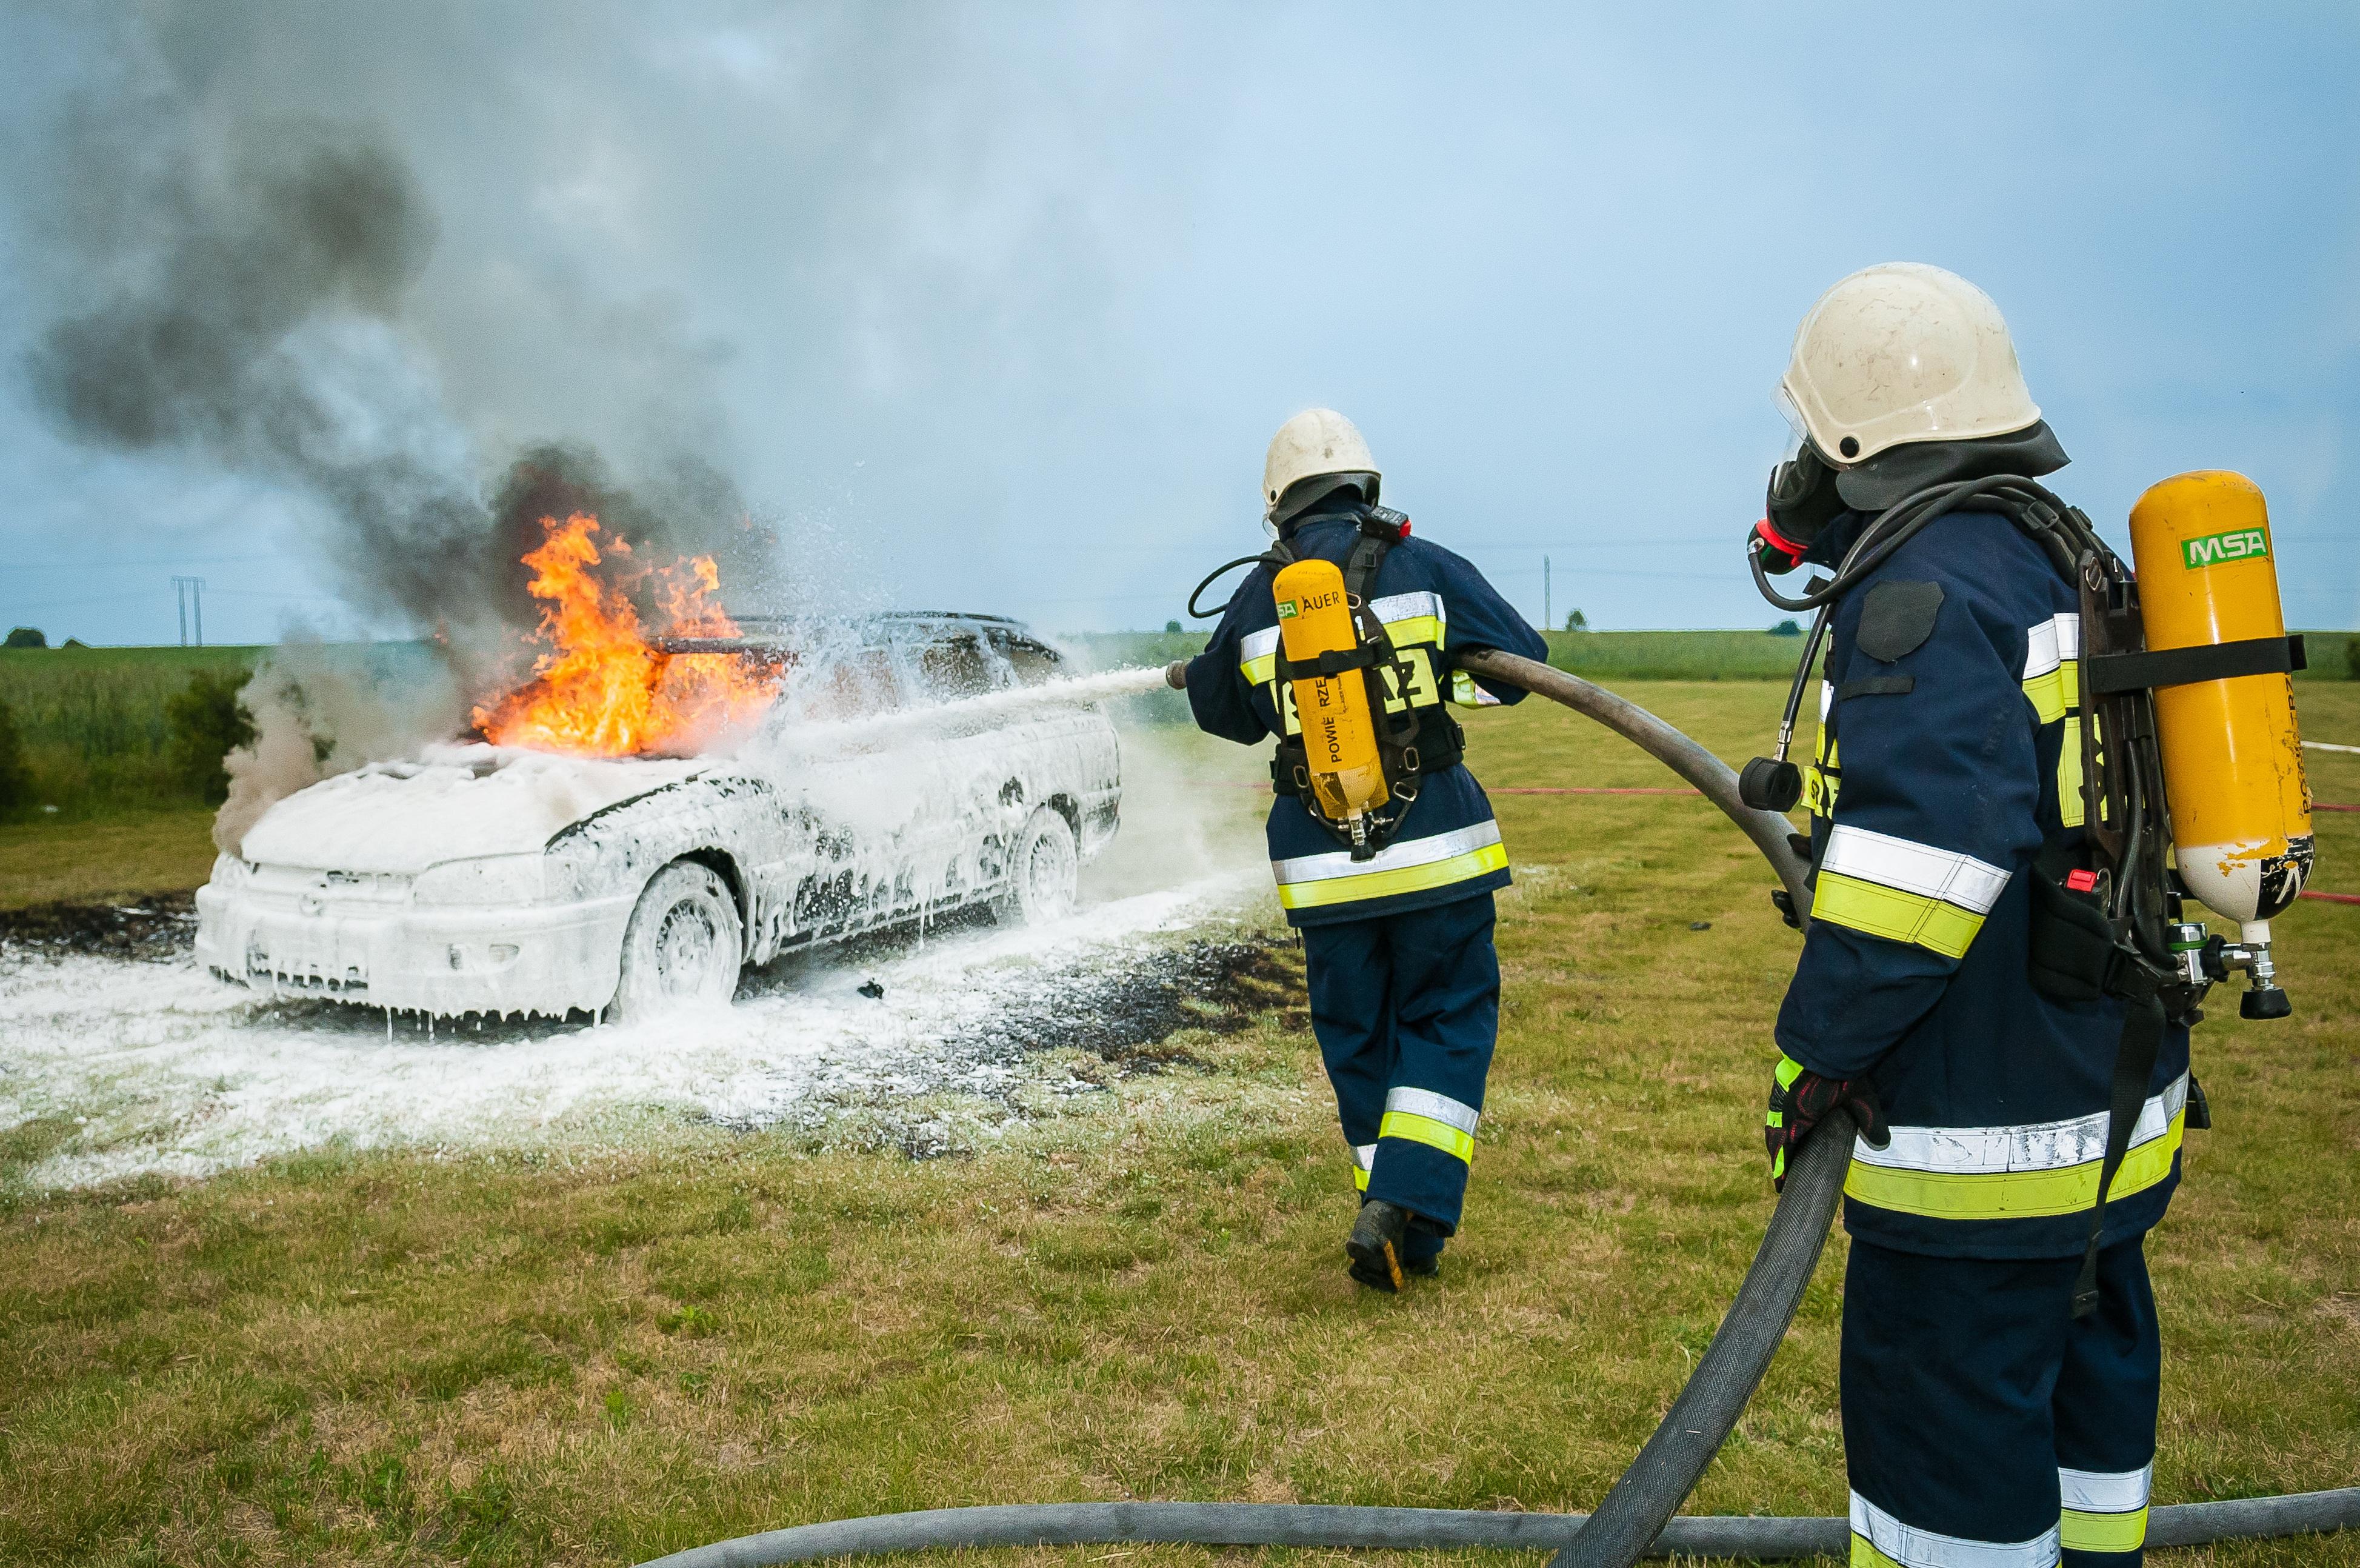 Two Firemen Spraying on Flaming Vehicle